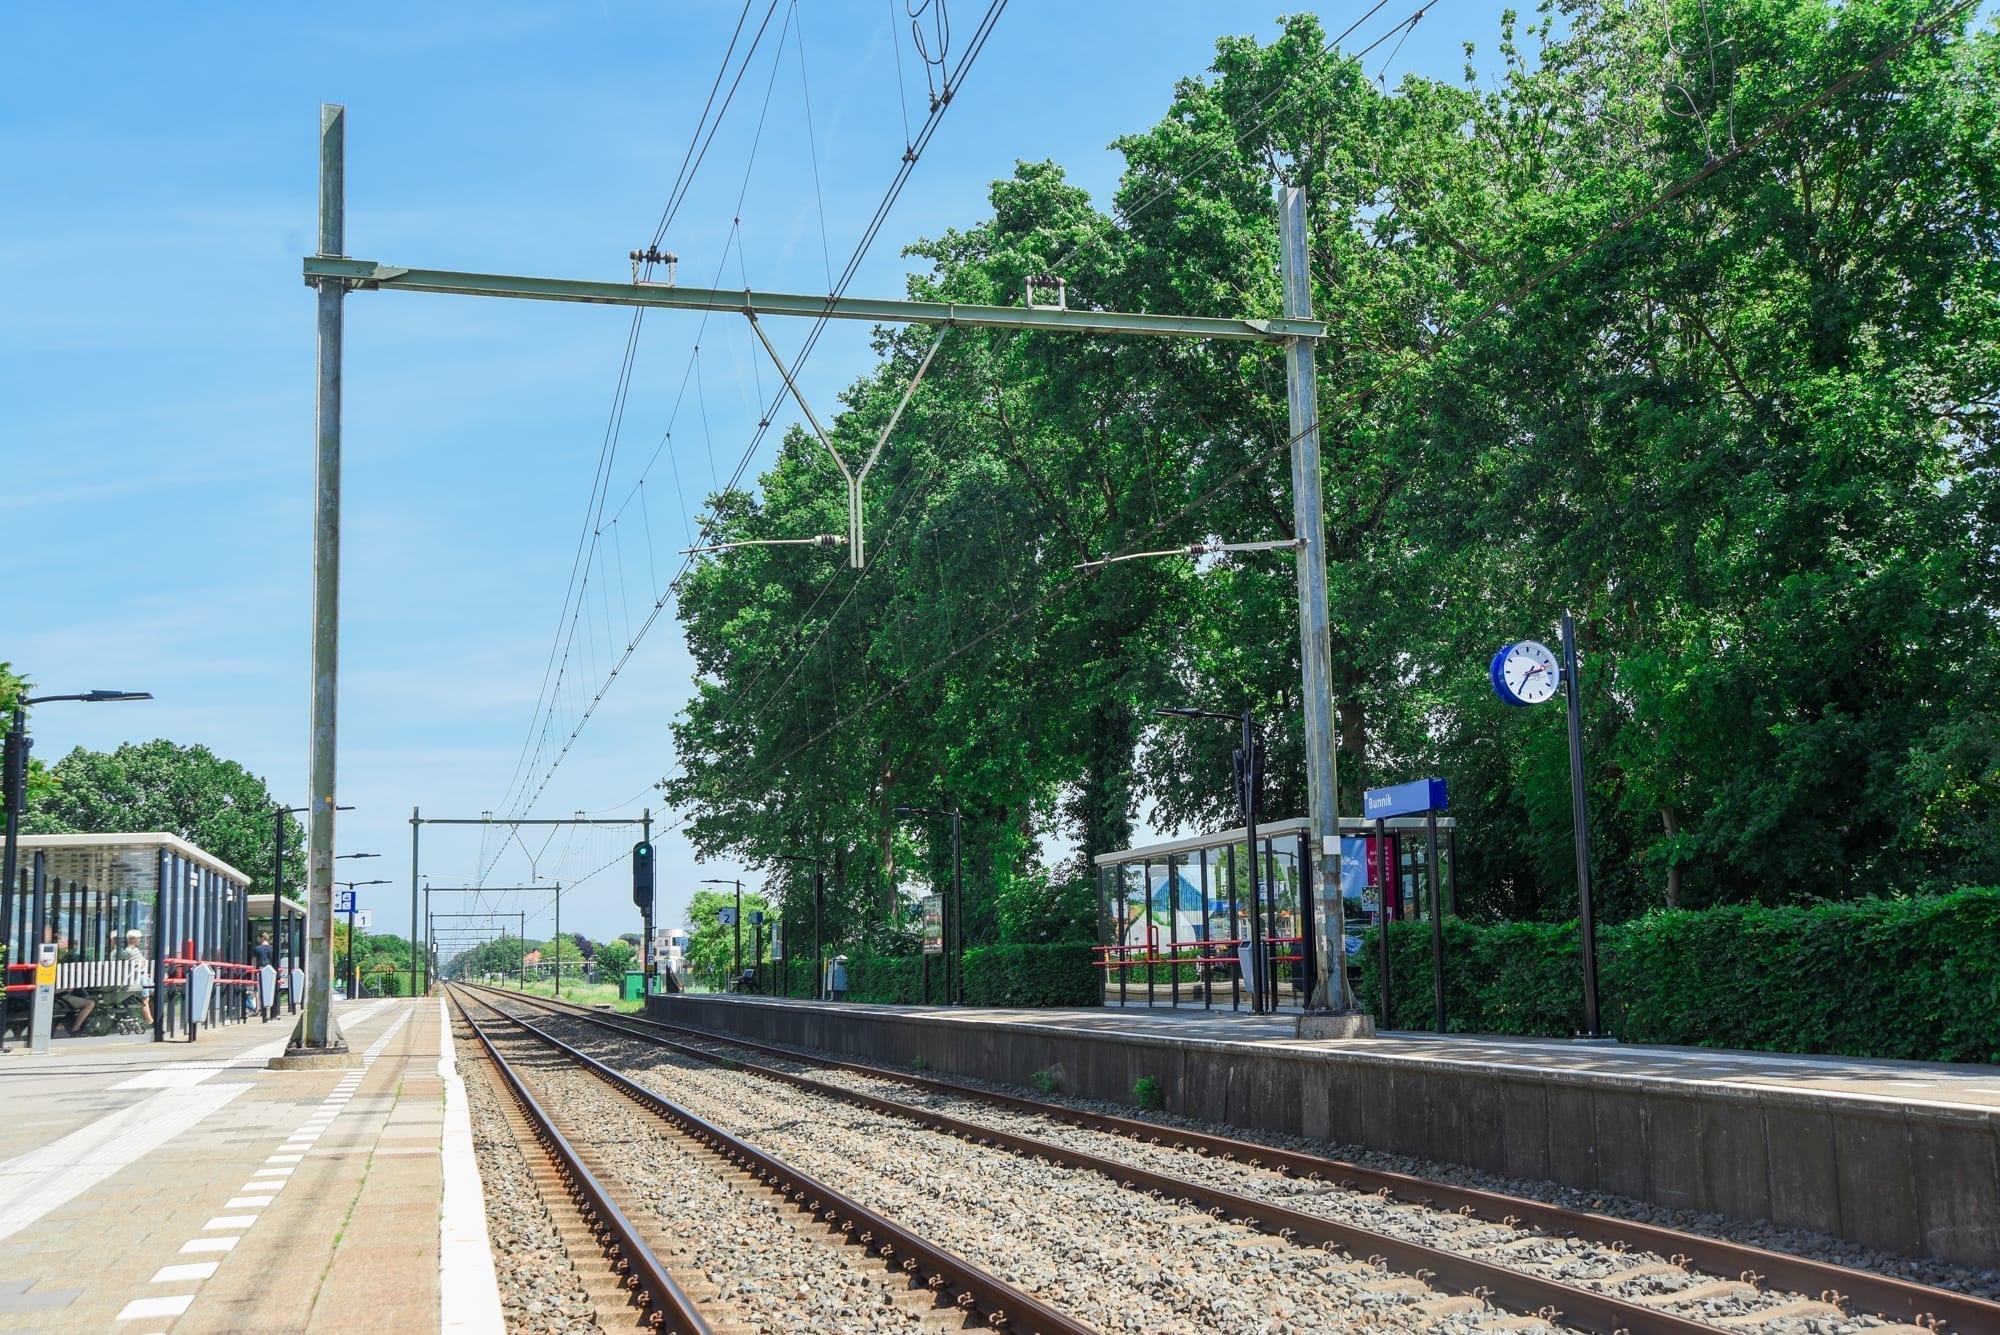 train platform in holland